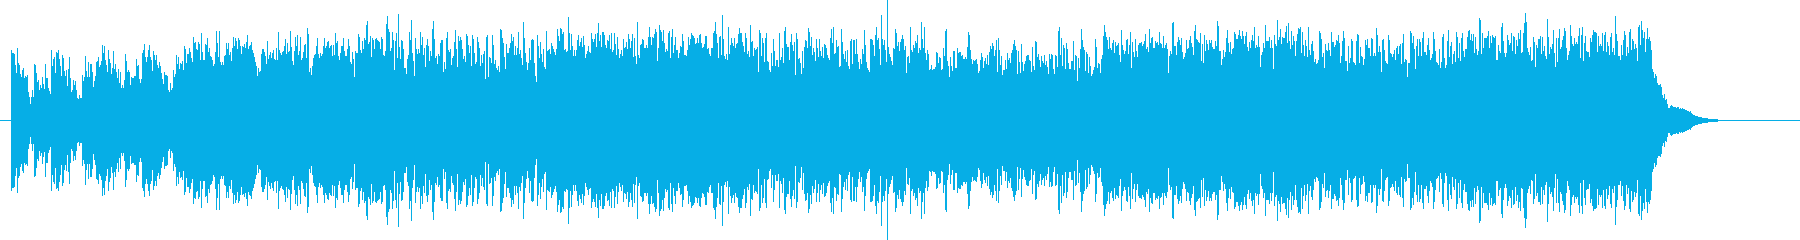 都会 エンディング 科学 機械 報道の再生済みの波形